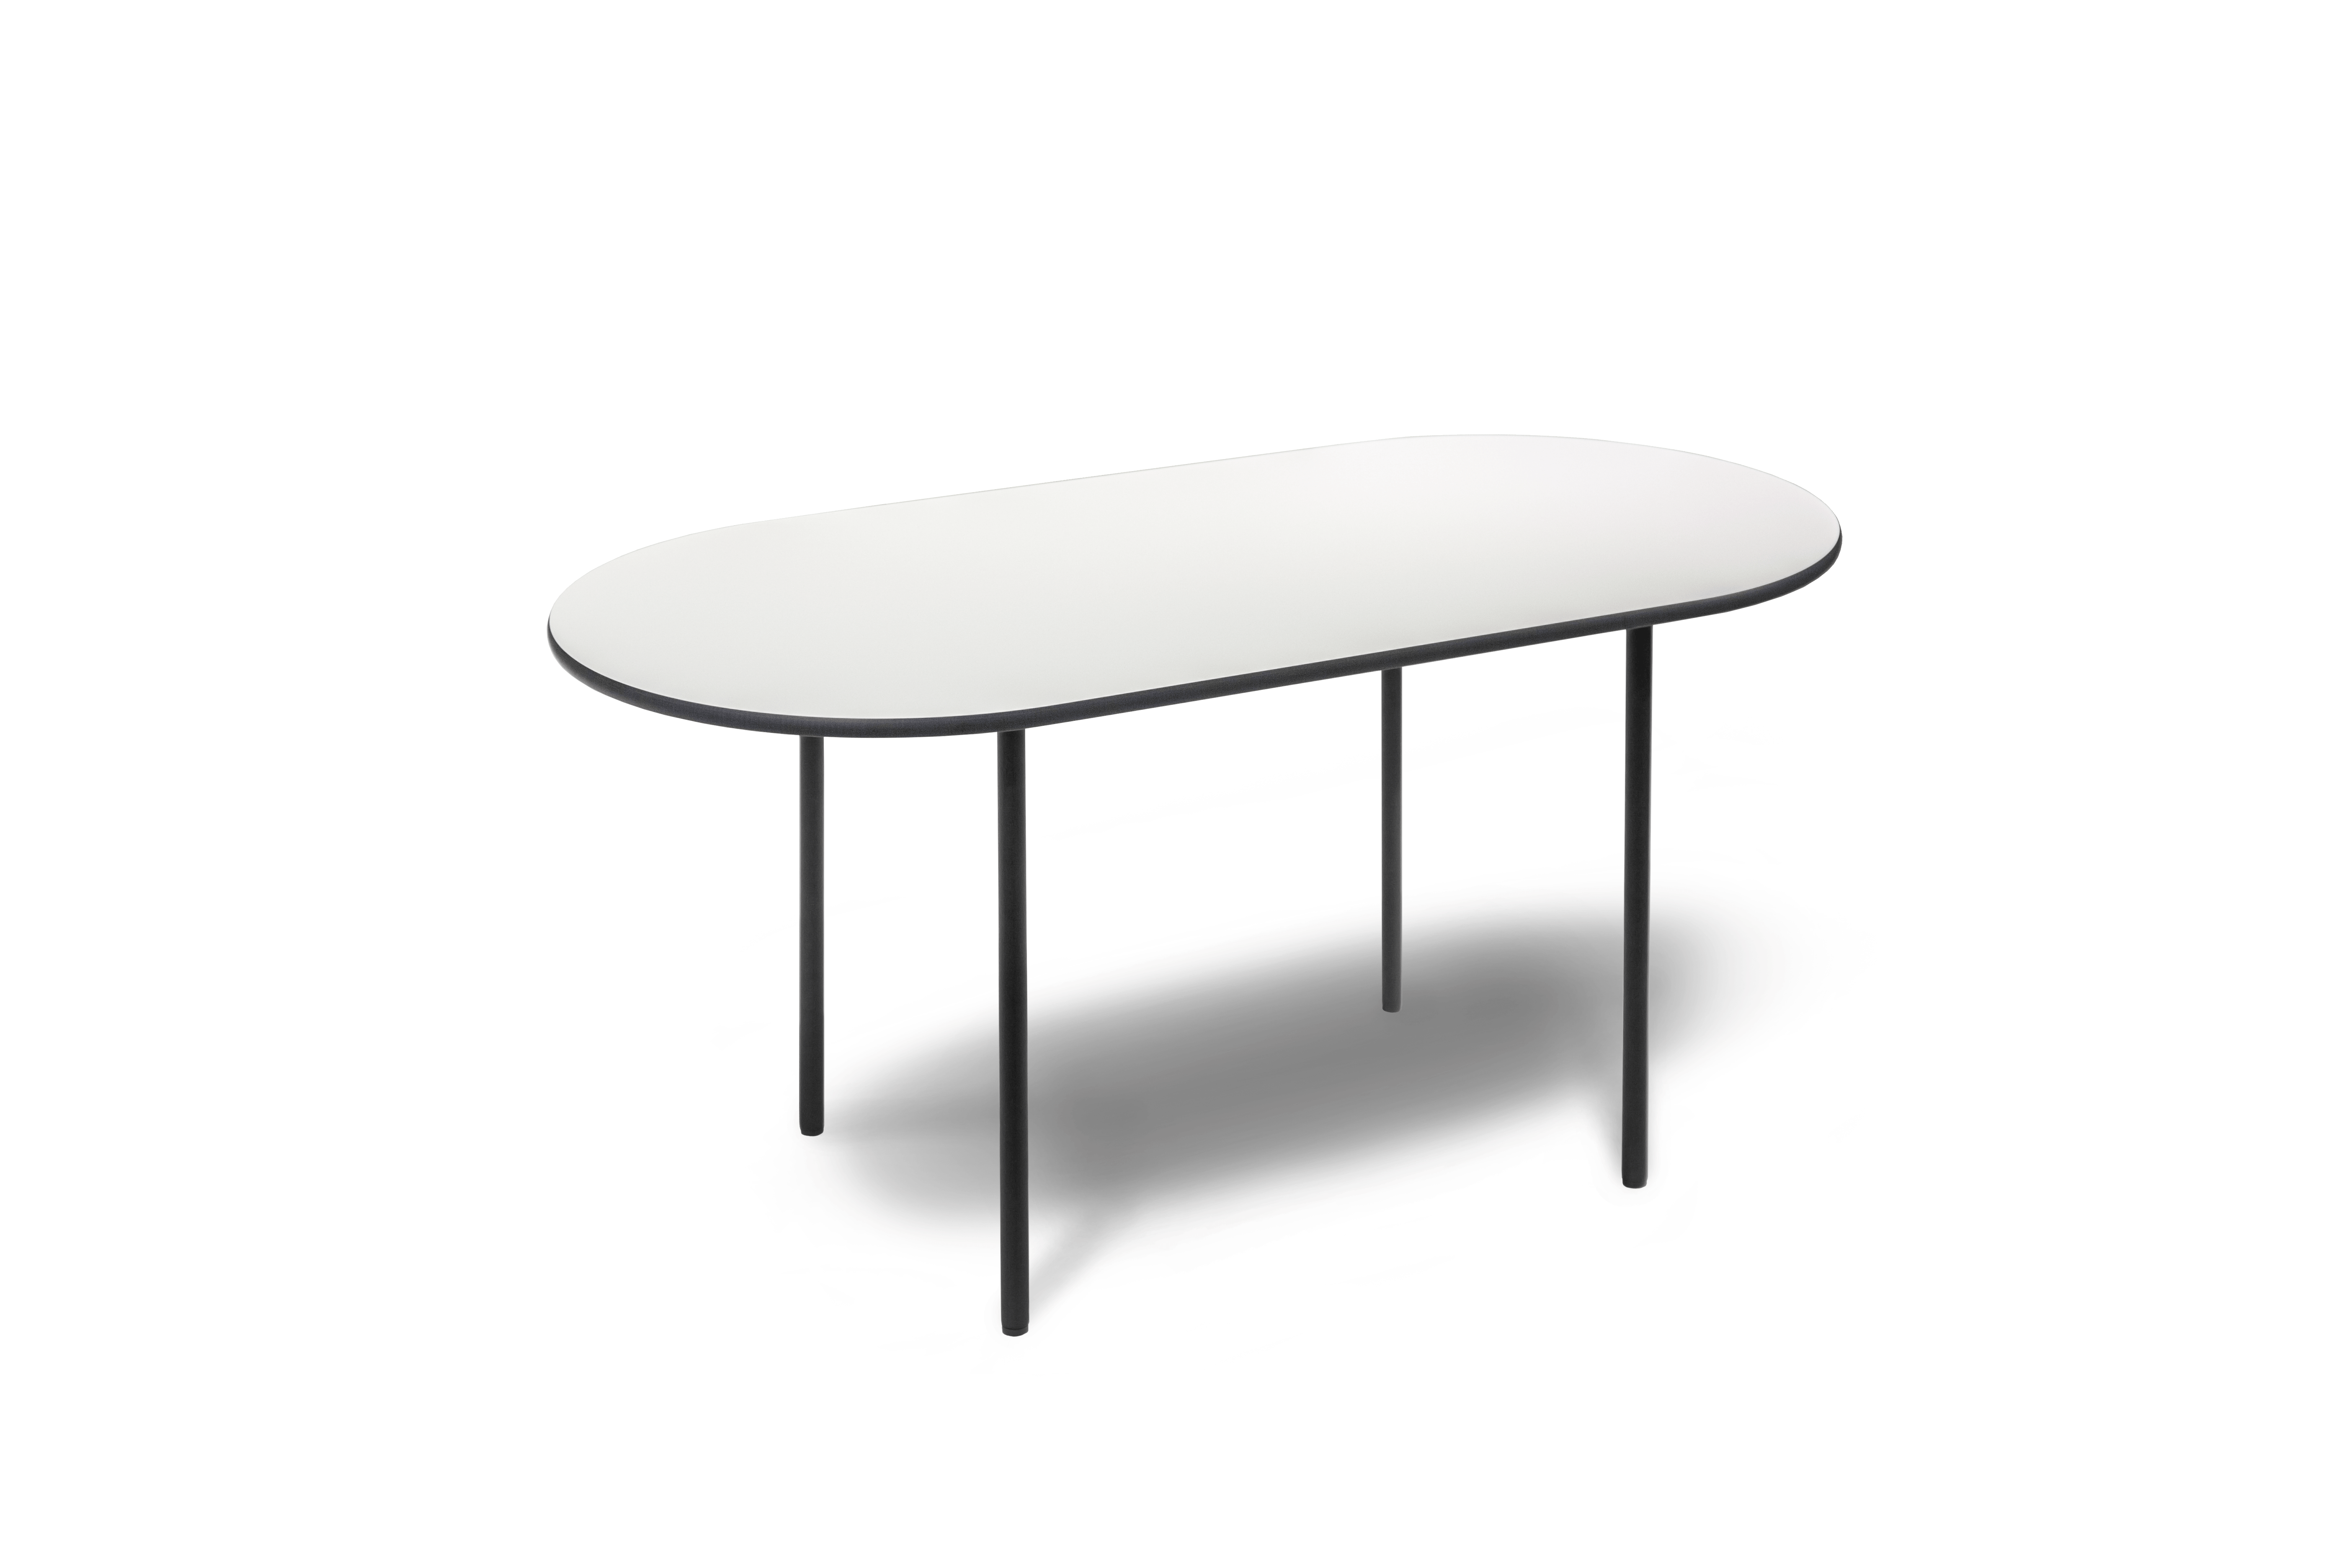 diivanilaud coffee table sohvapöytä